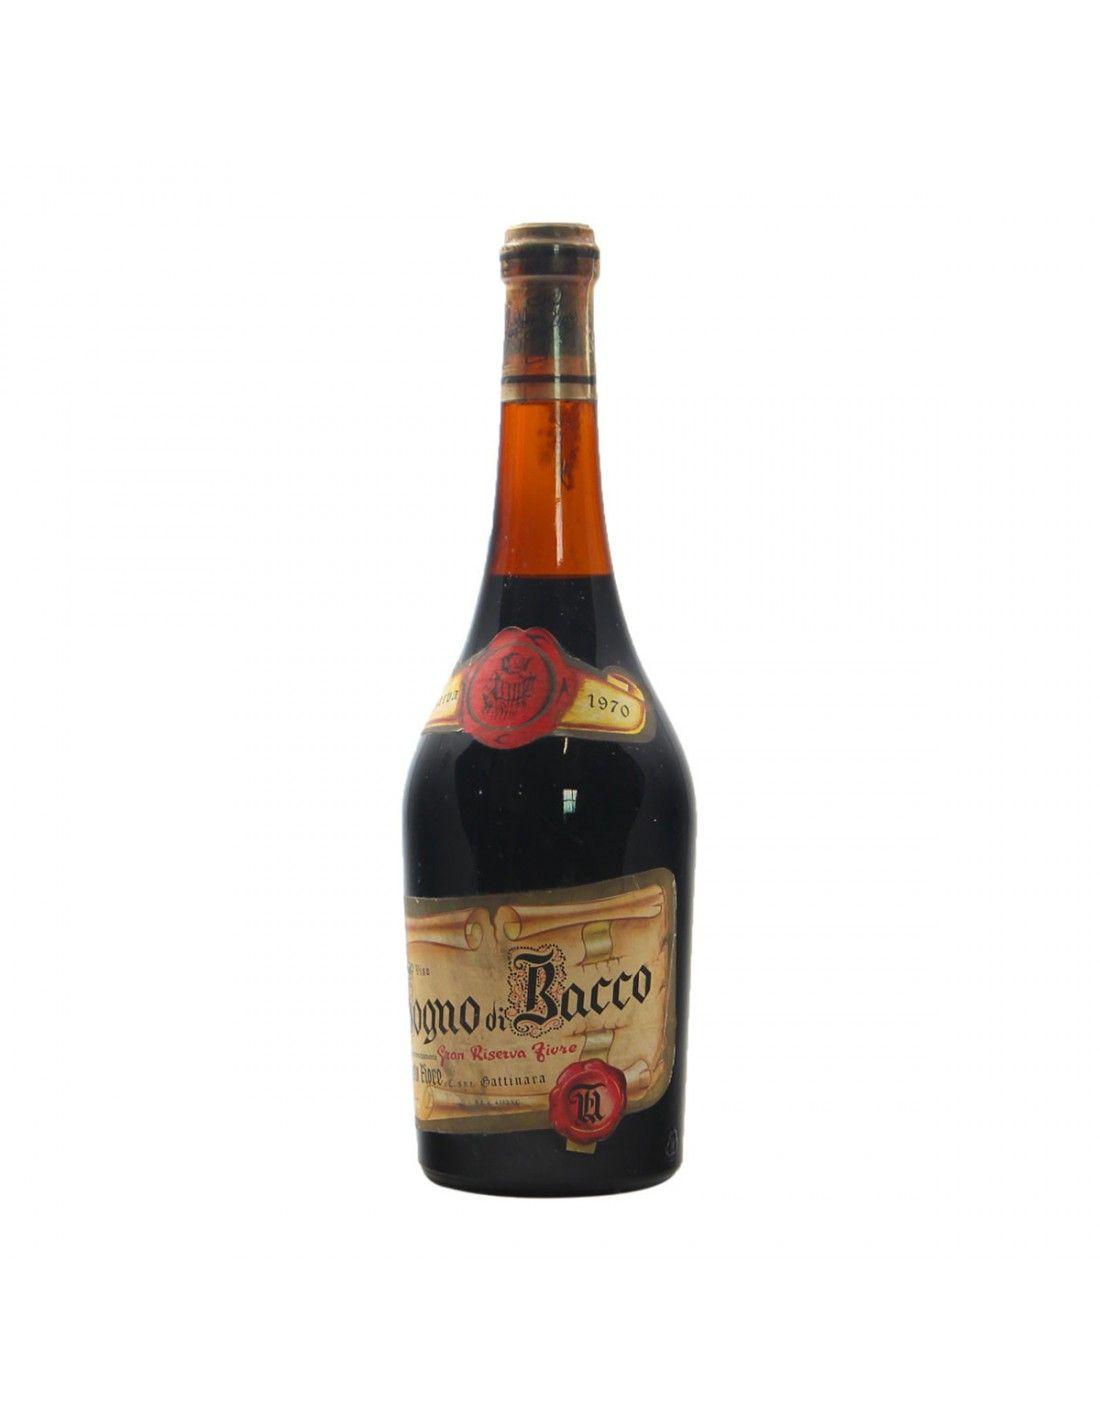 SOGNO DI BACCO RISERVA 1970 UMBERTO FIORE Grandi Bottiglie